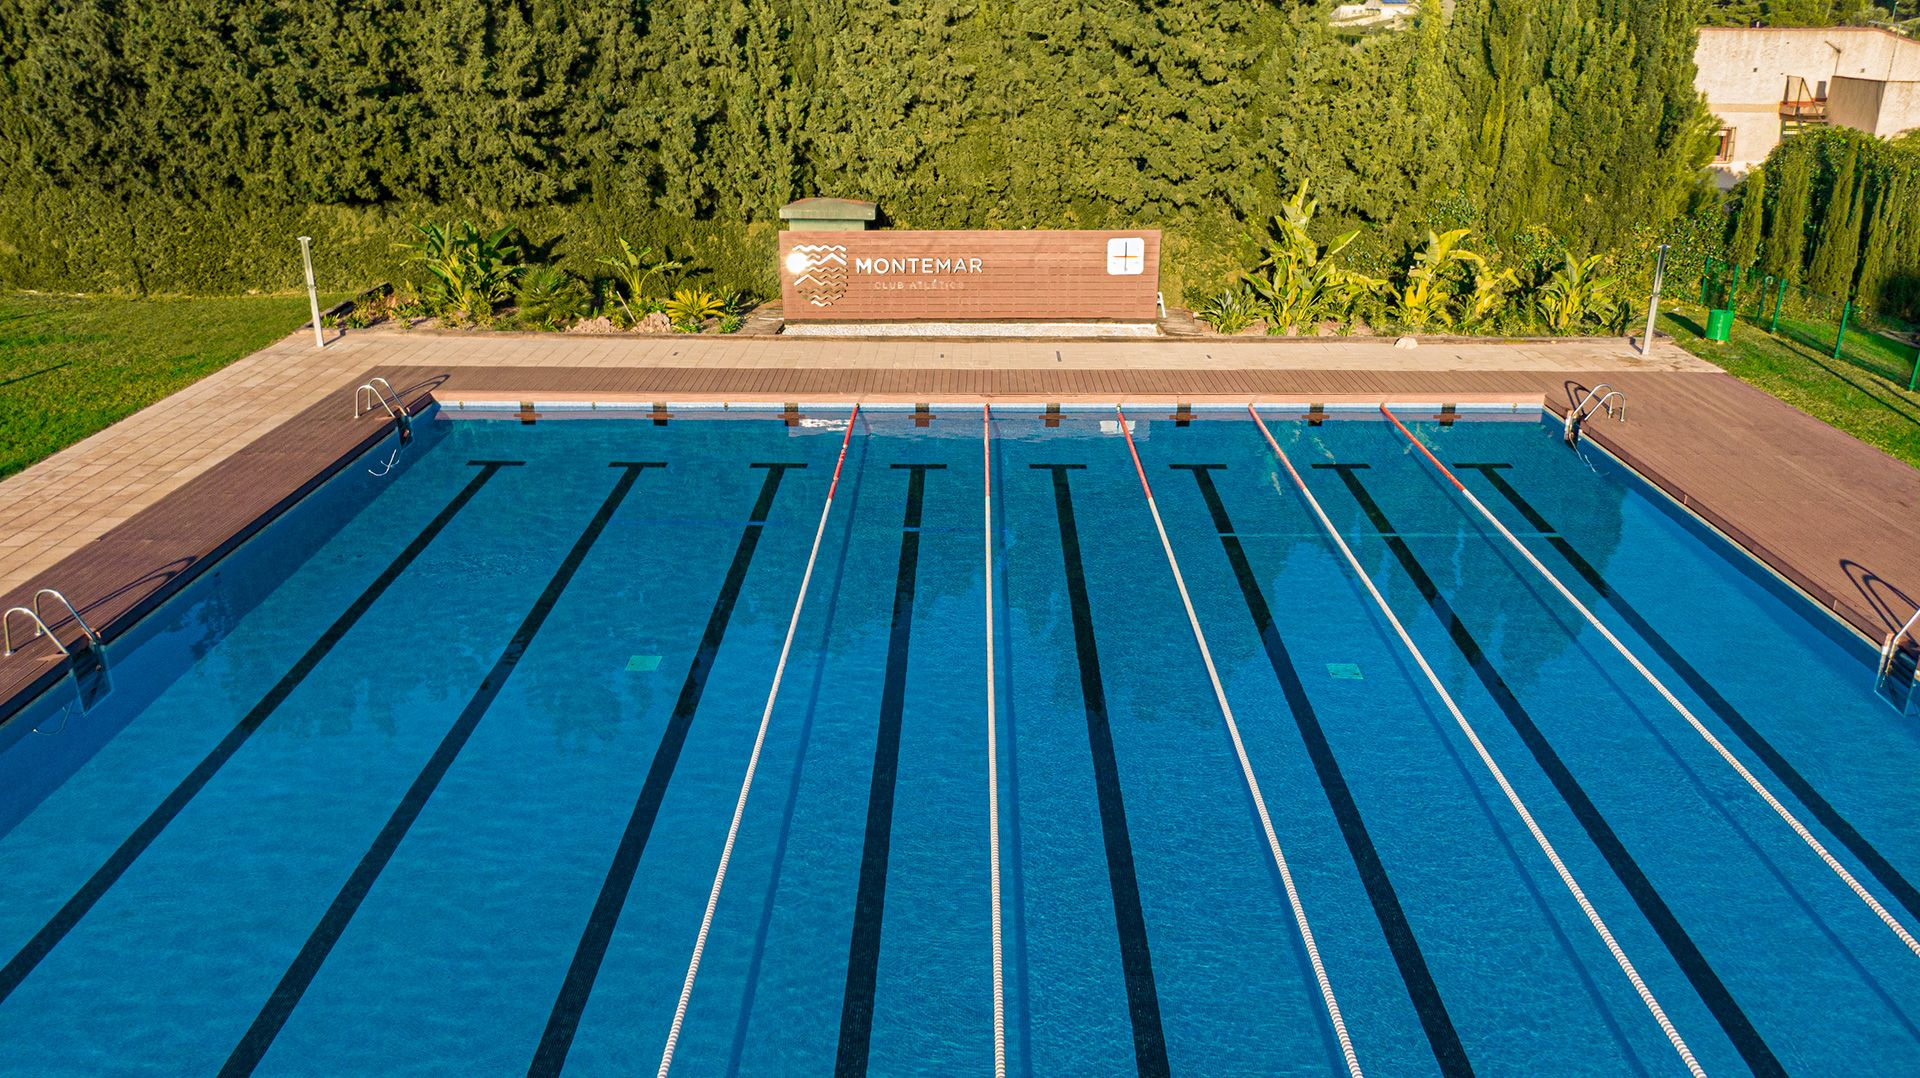 Piscina Olímpica CA Montemar